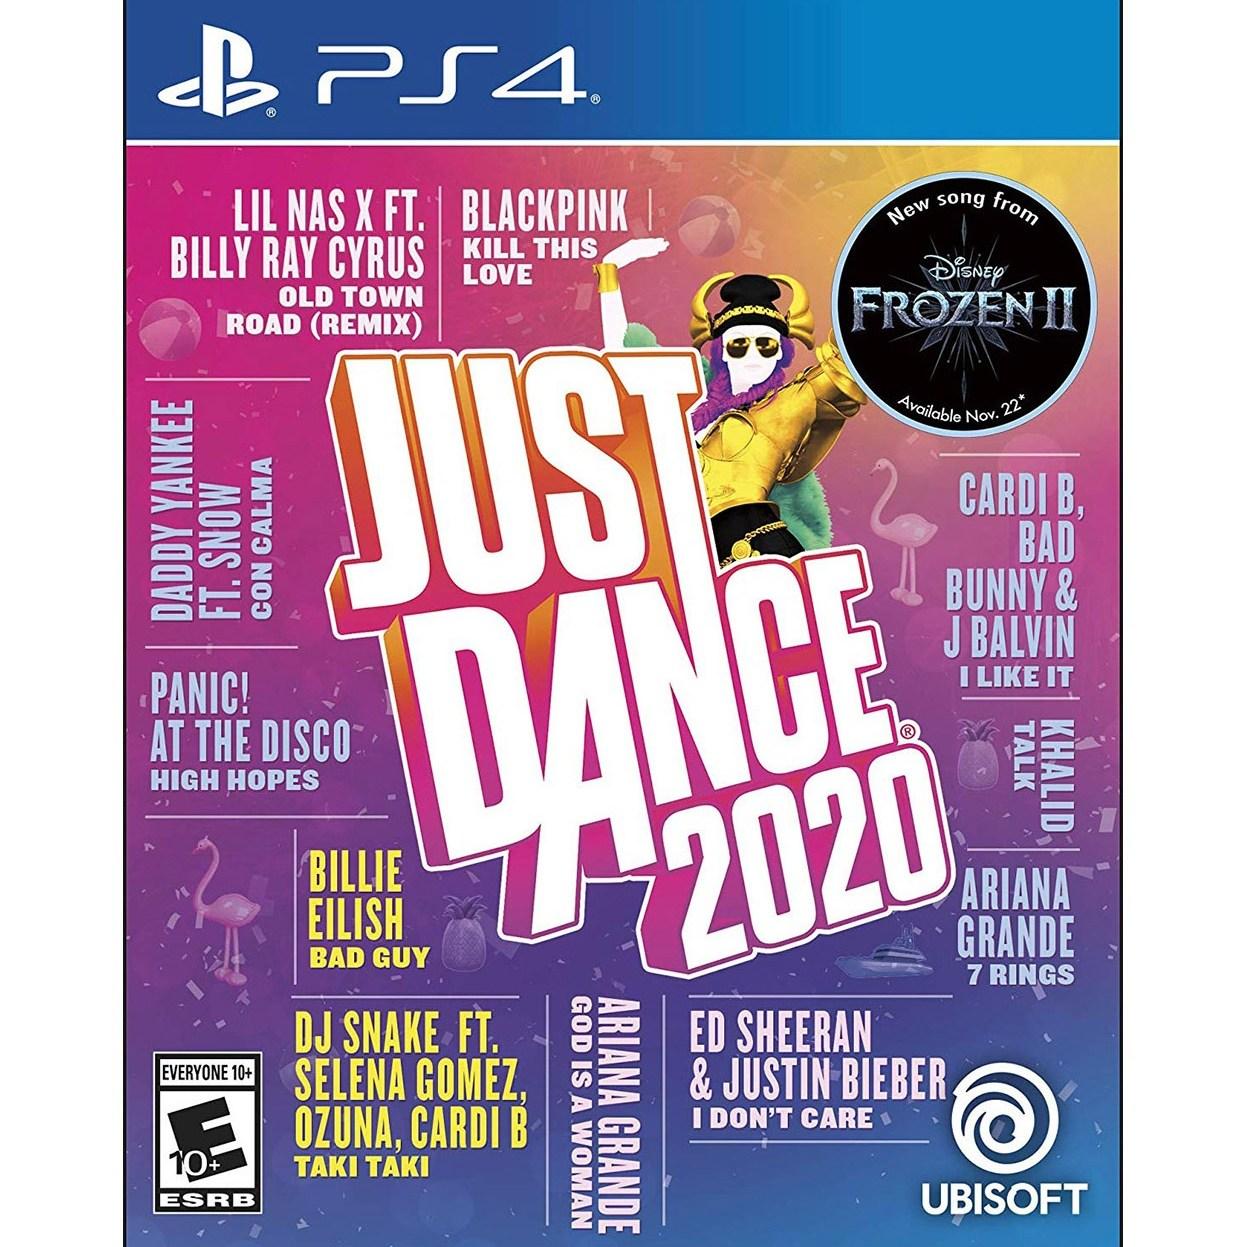 플레이스테이션 4 PS4 저스트 댄스 2020_Just Dance 2020, 단일품목